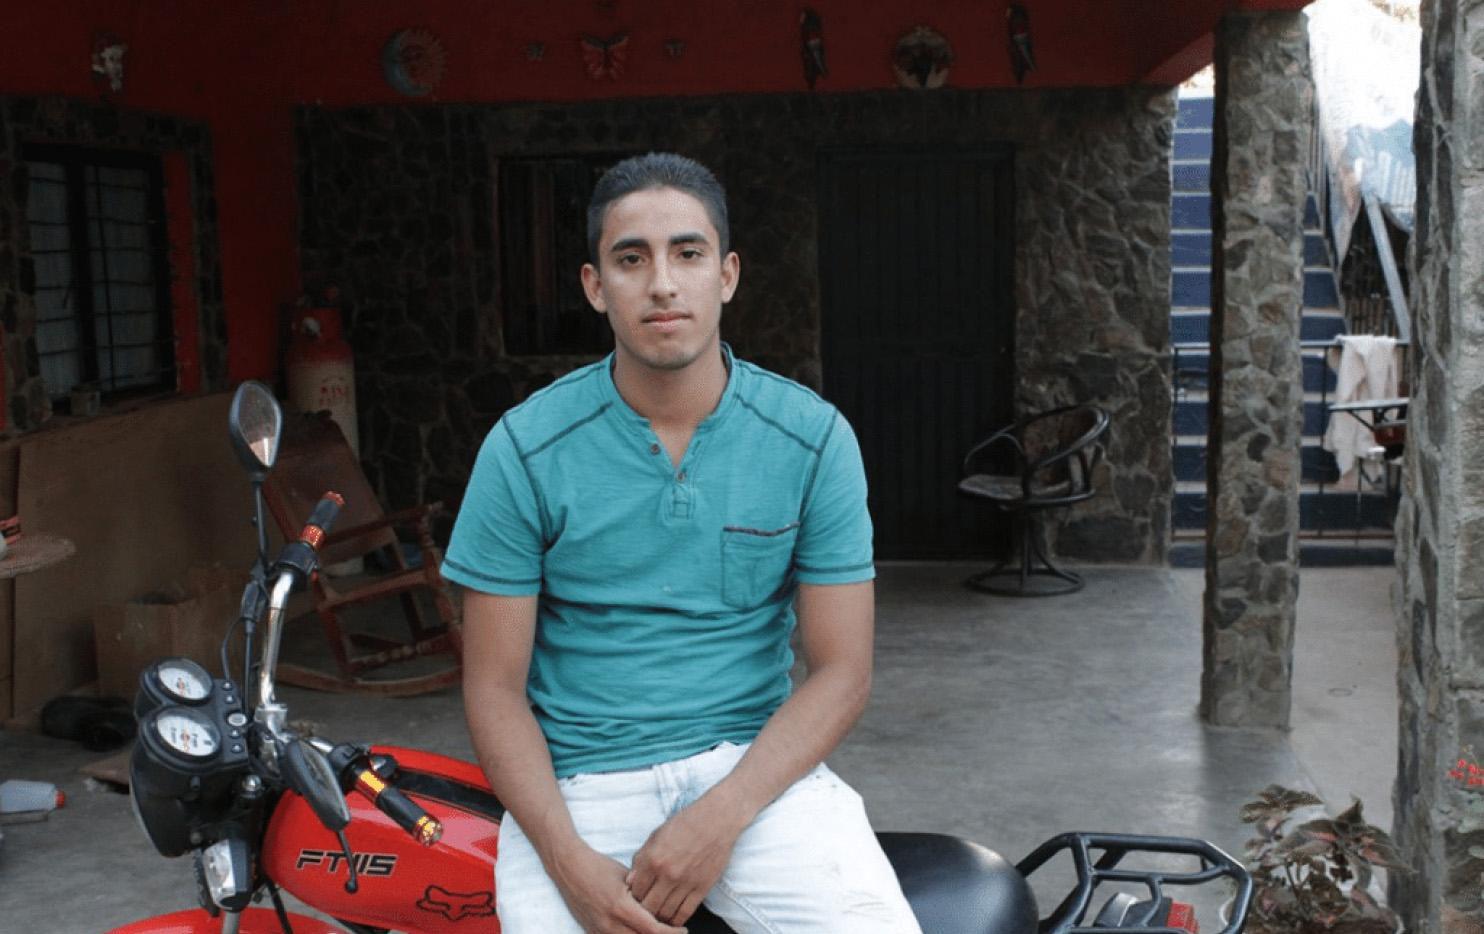 Juan Manuel Montes Bojorquez, un 'dreamer' que fue deportado. (Cortesía de NATIONAL IMMIGRATION LAW CENTER/National Immigration Law Center)